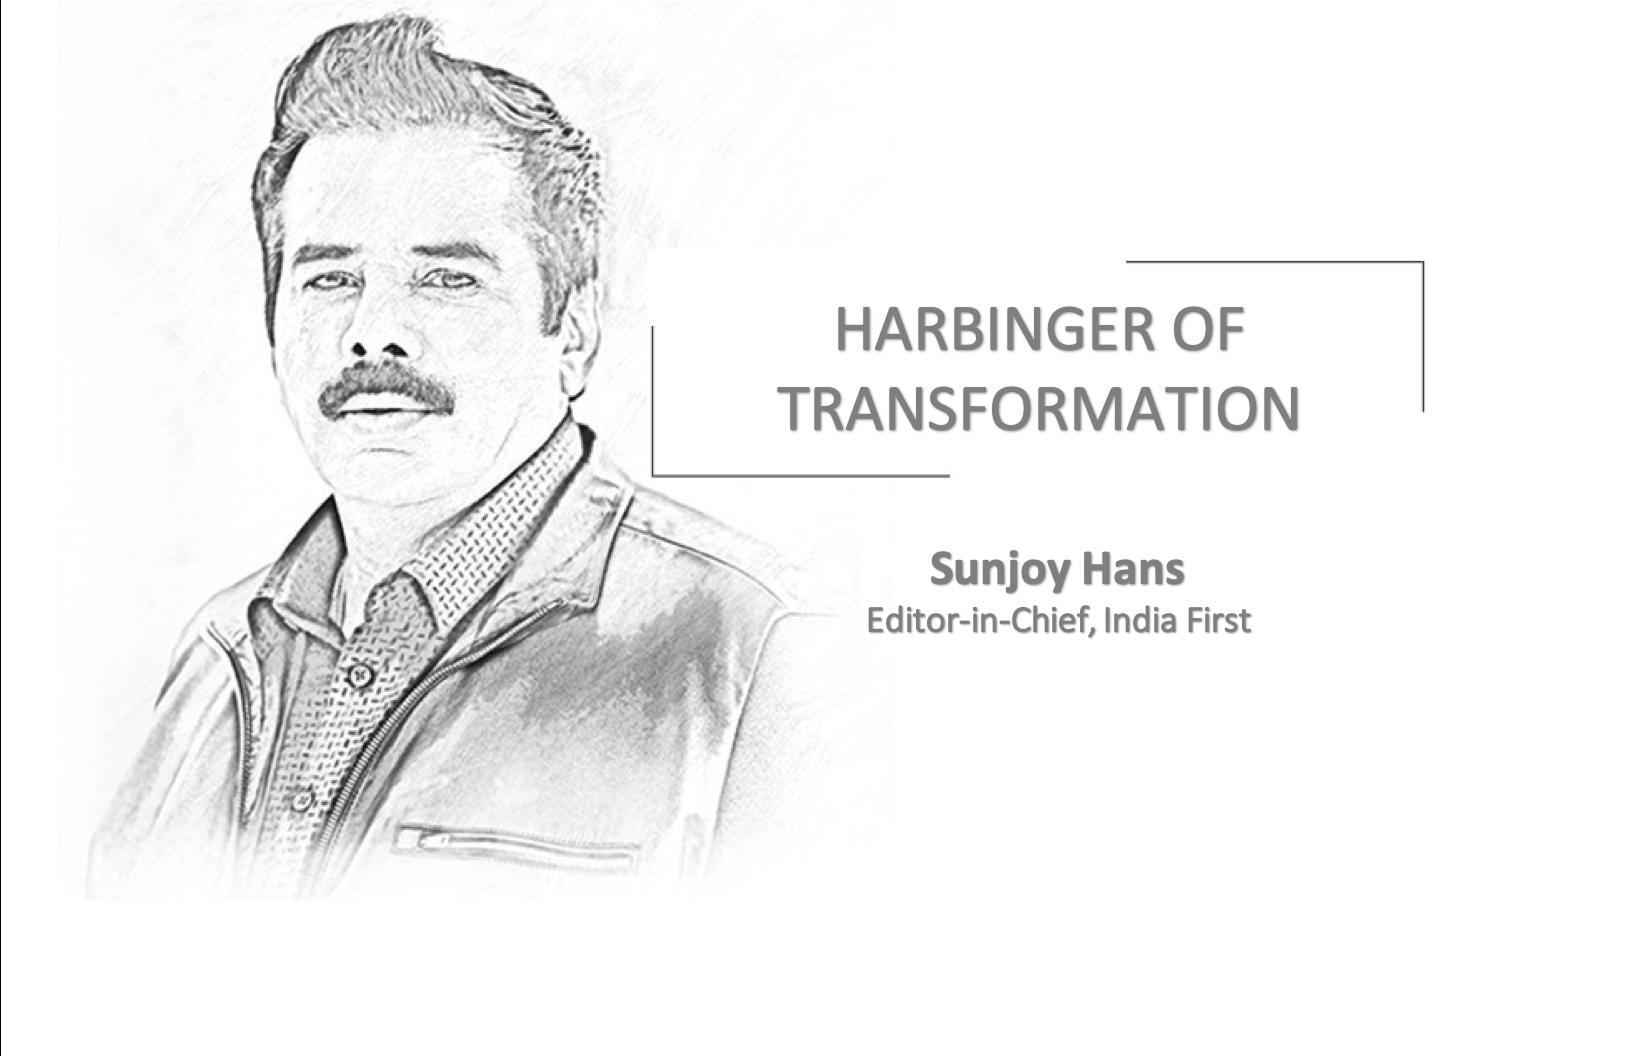 HARBINGER OF Transformation- Sunjoy Hans